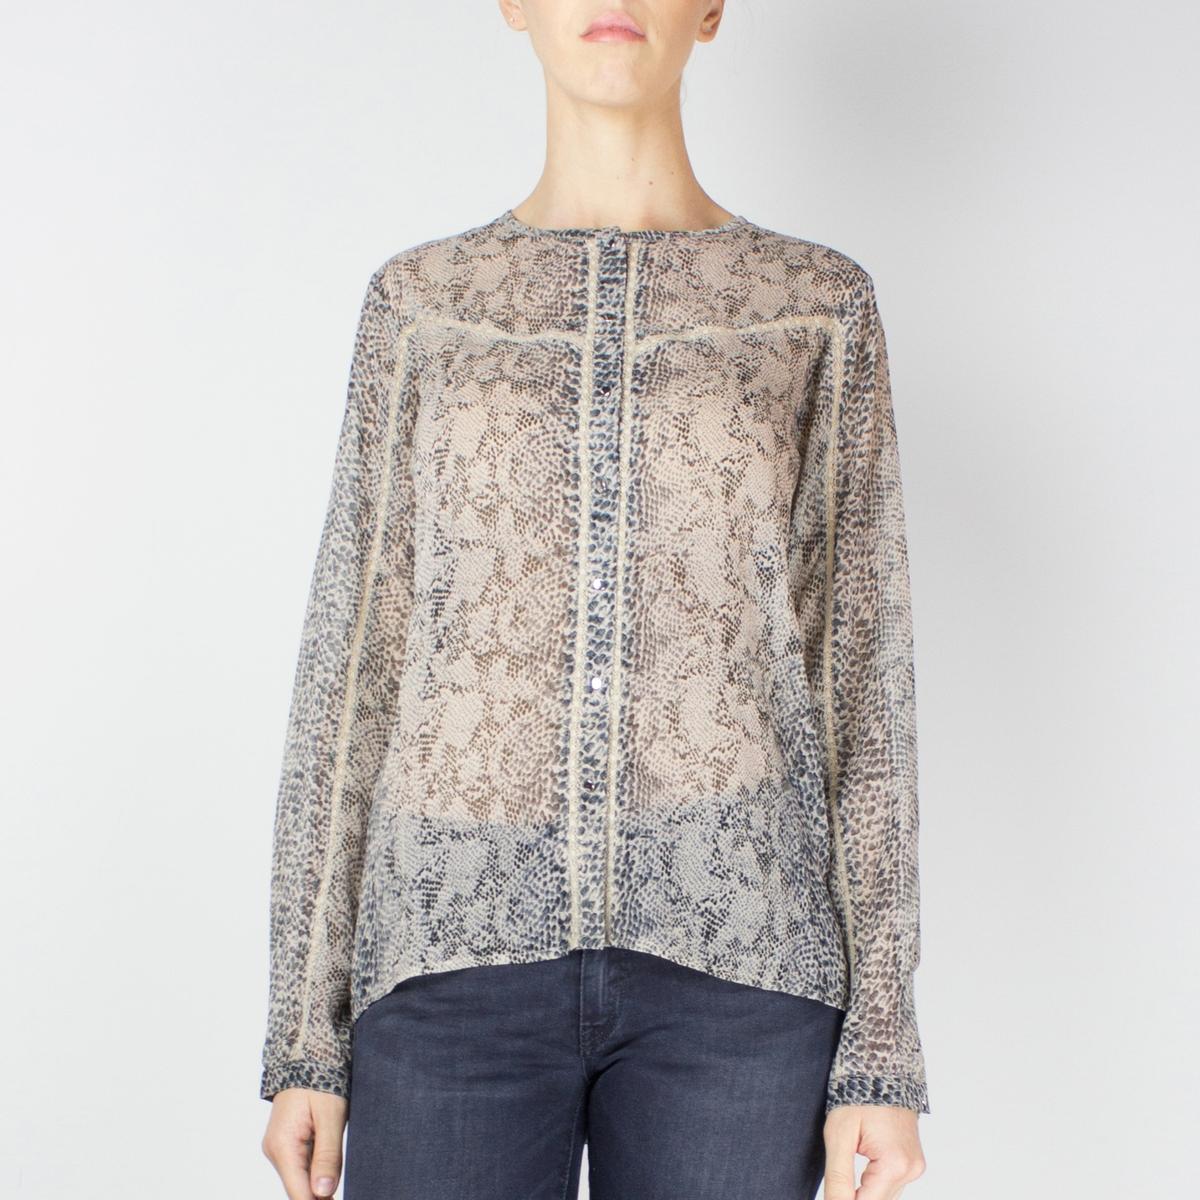 Blusa transparente, estampado pitão